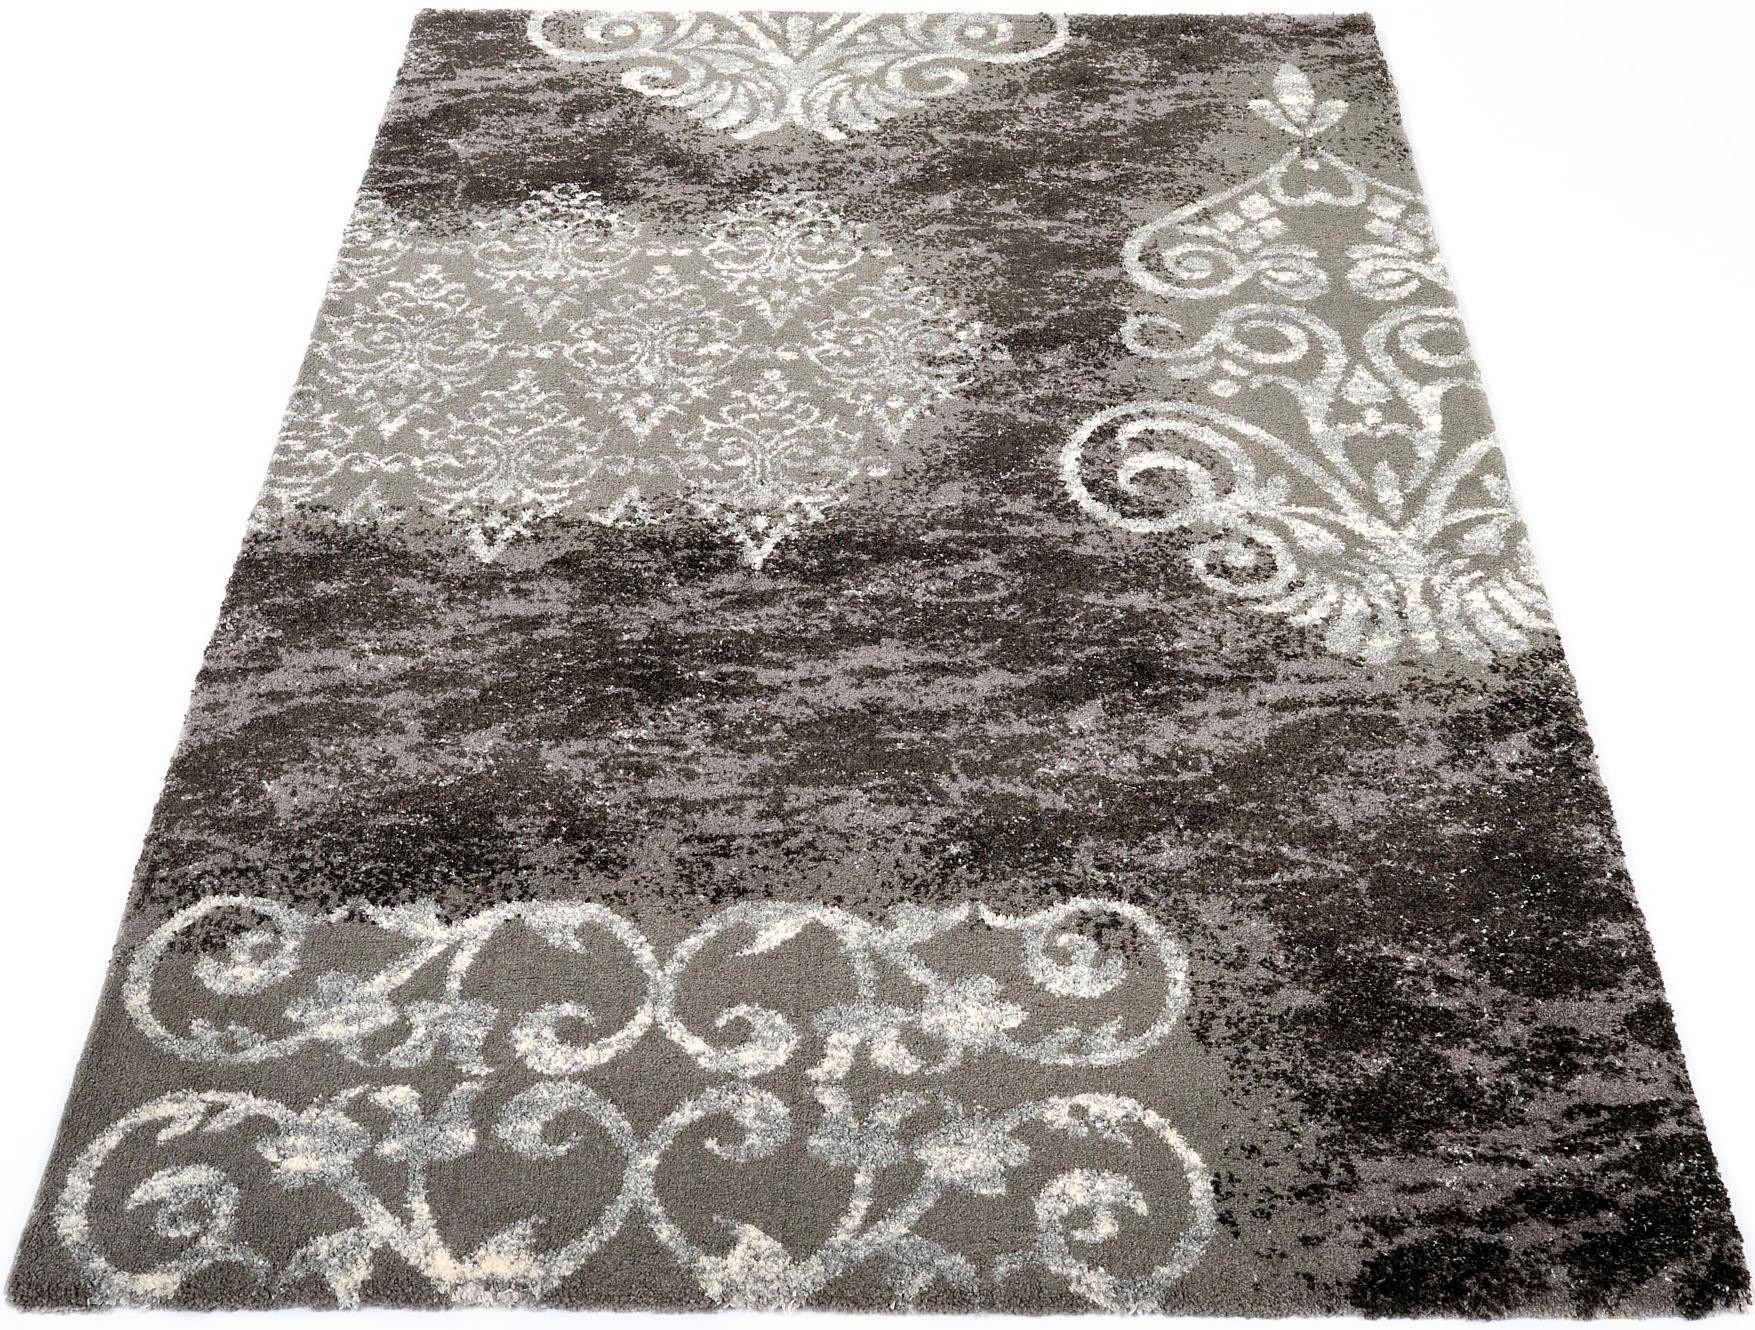 Teppich Amore GALLERY M rechteckig Höhe 20 mm maschinell gewebt